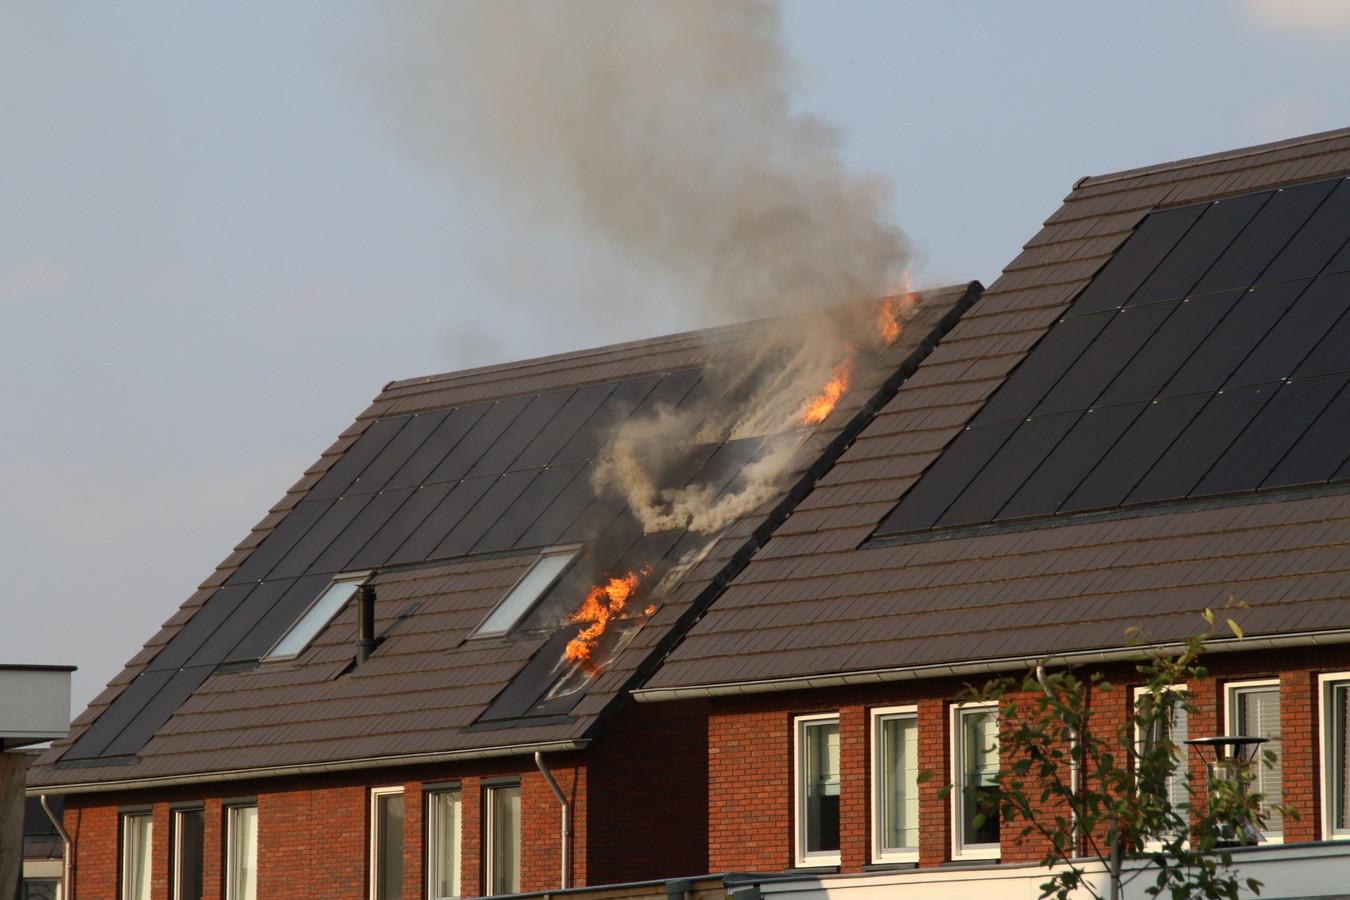 In de zonnepanelen van een woning aan de Holkerbeek in Nijkerk brak vorige week brand uit. Wat de oorzaak hier is geweest, is nog niet duidelijk. Experts wijzen op het gevaar van slechte installatie van de panelen.